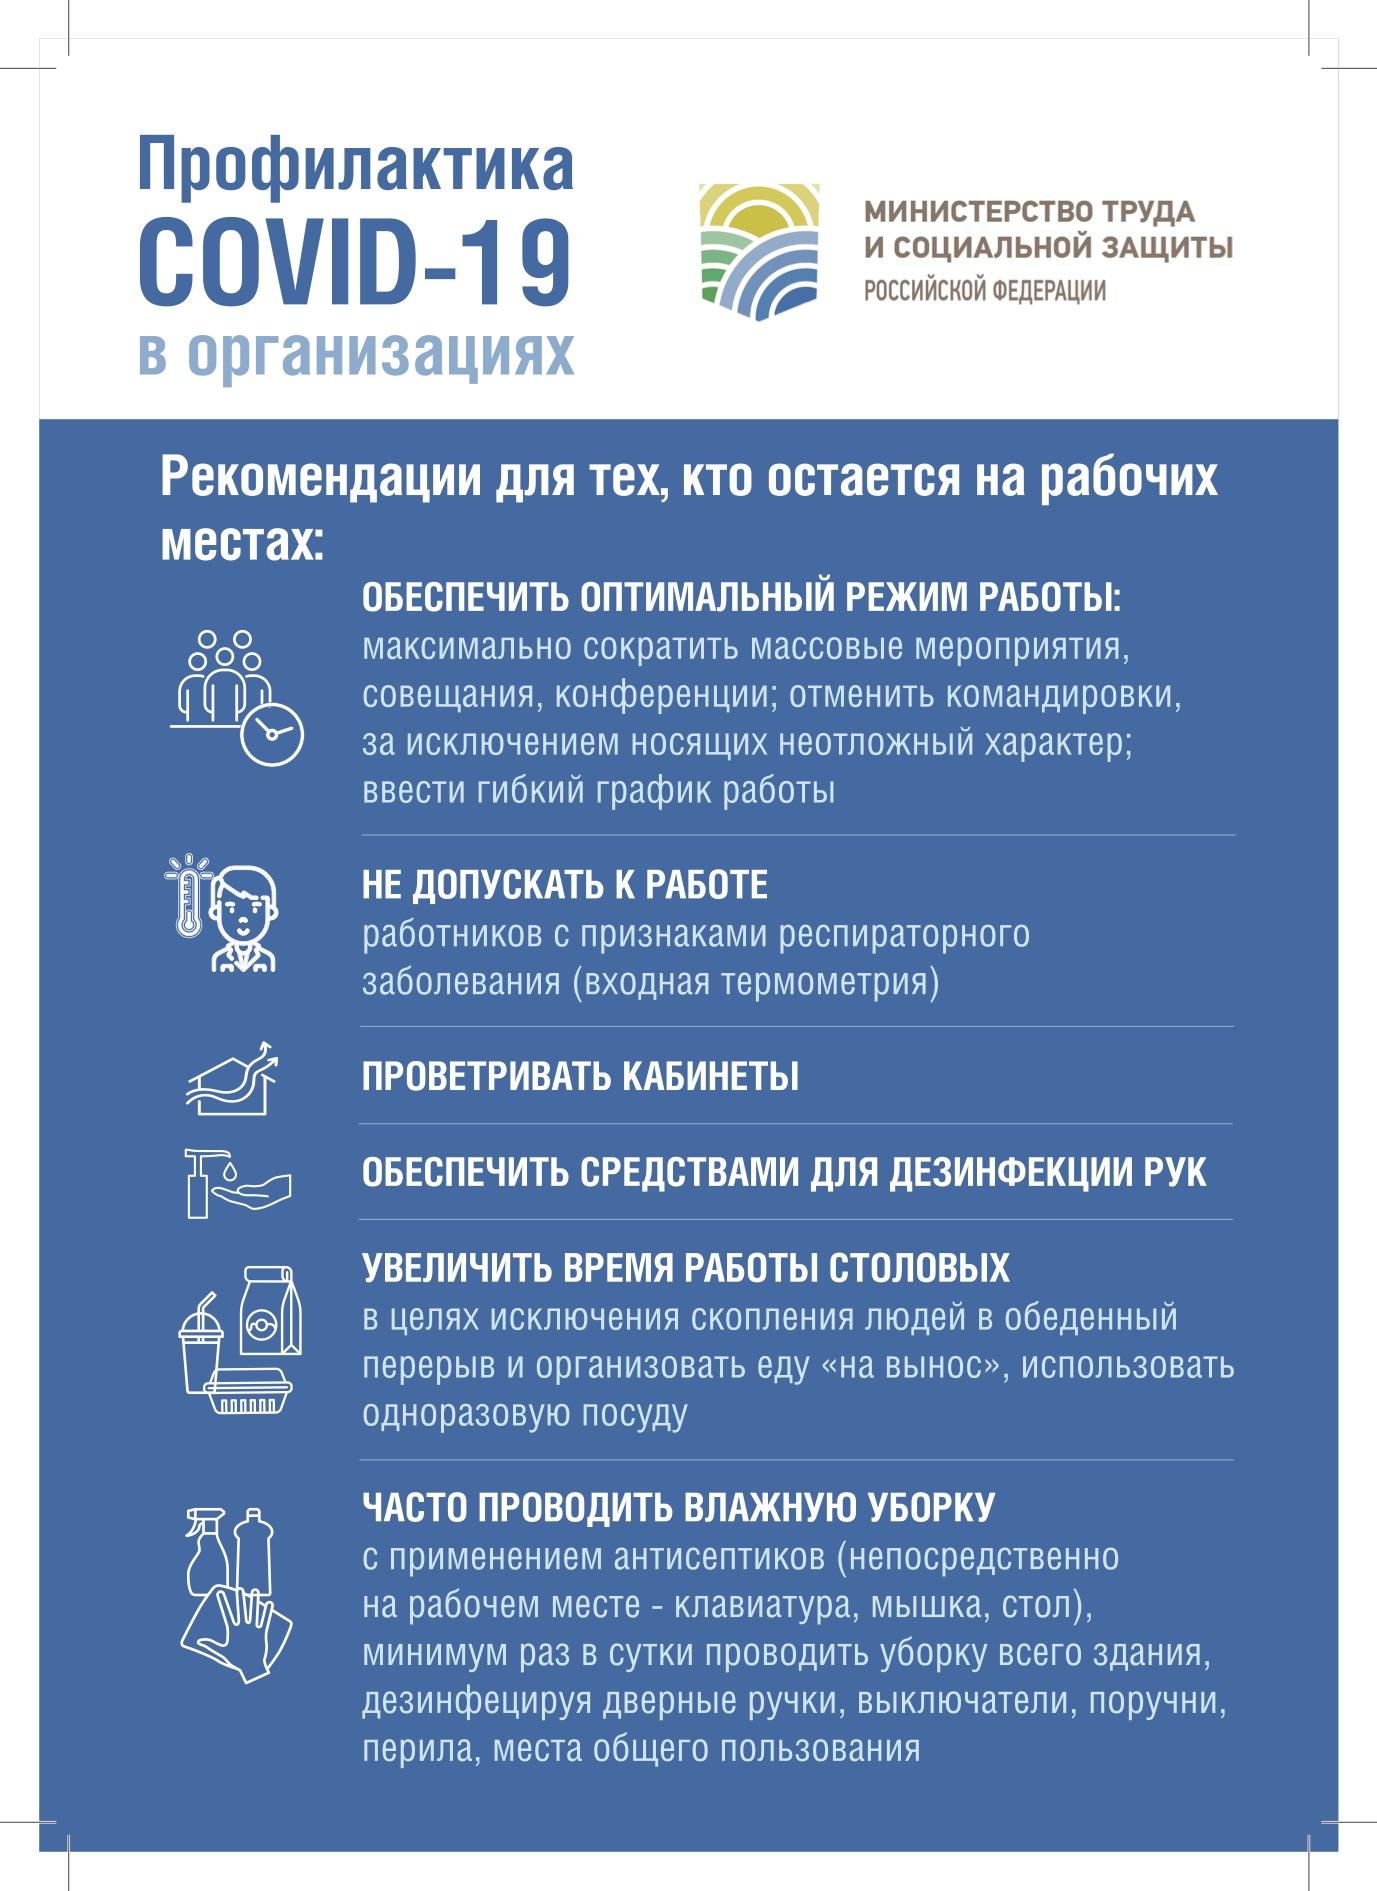 Профилактика COVID-19 в компаниях и другие полезные ссылки